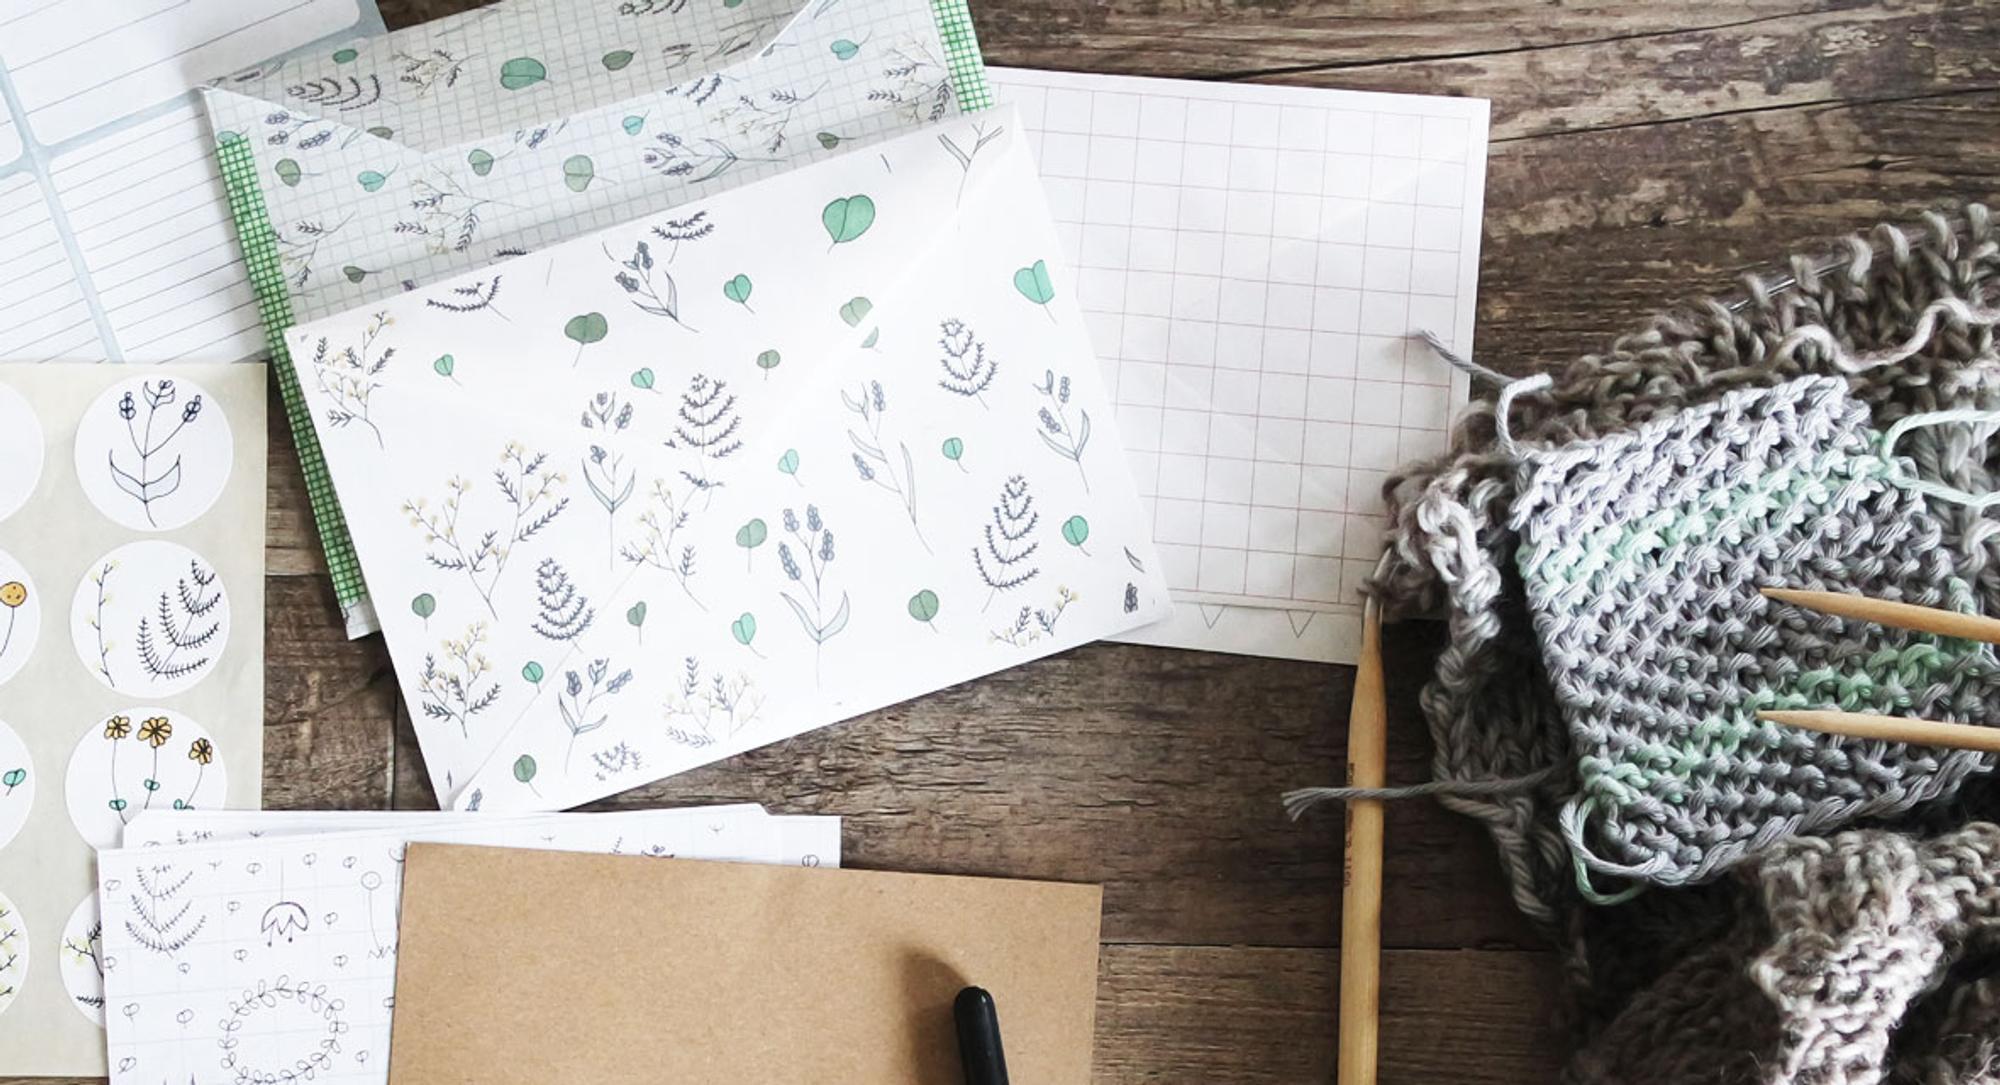 Soll es einfach und schnell gehen oder hast du Lust auf etwas Anspruchvolles? Gleich, welches Level dir vorschwebt, wir erklären dir, wie du einen tollen Briefumschlag falten kannst.